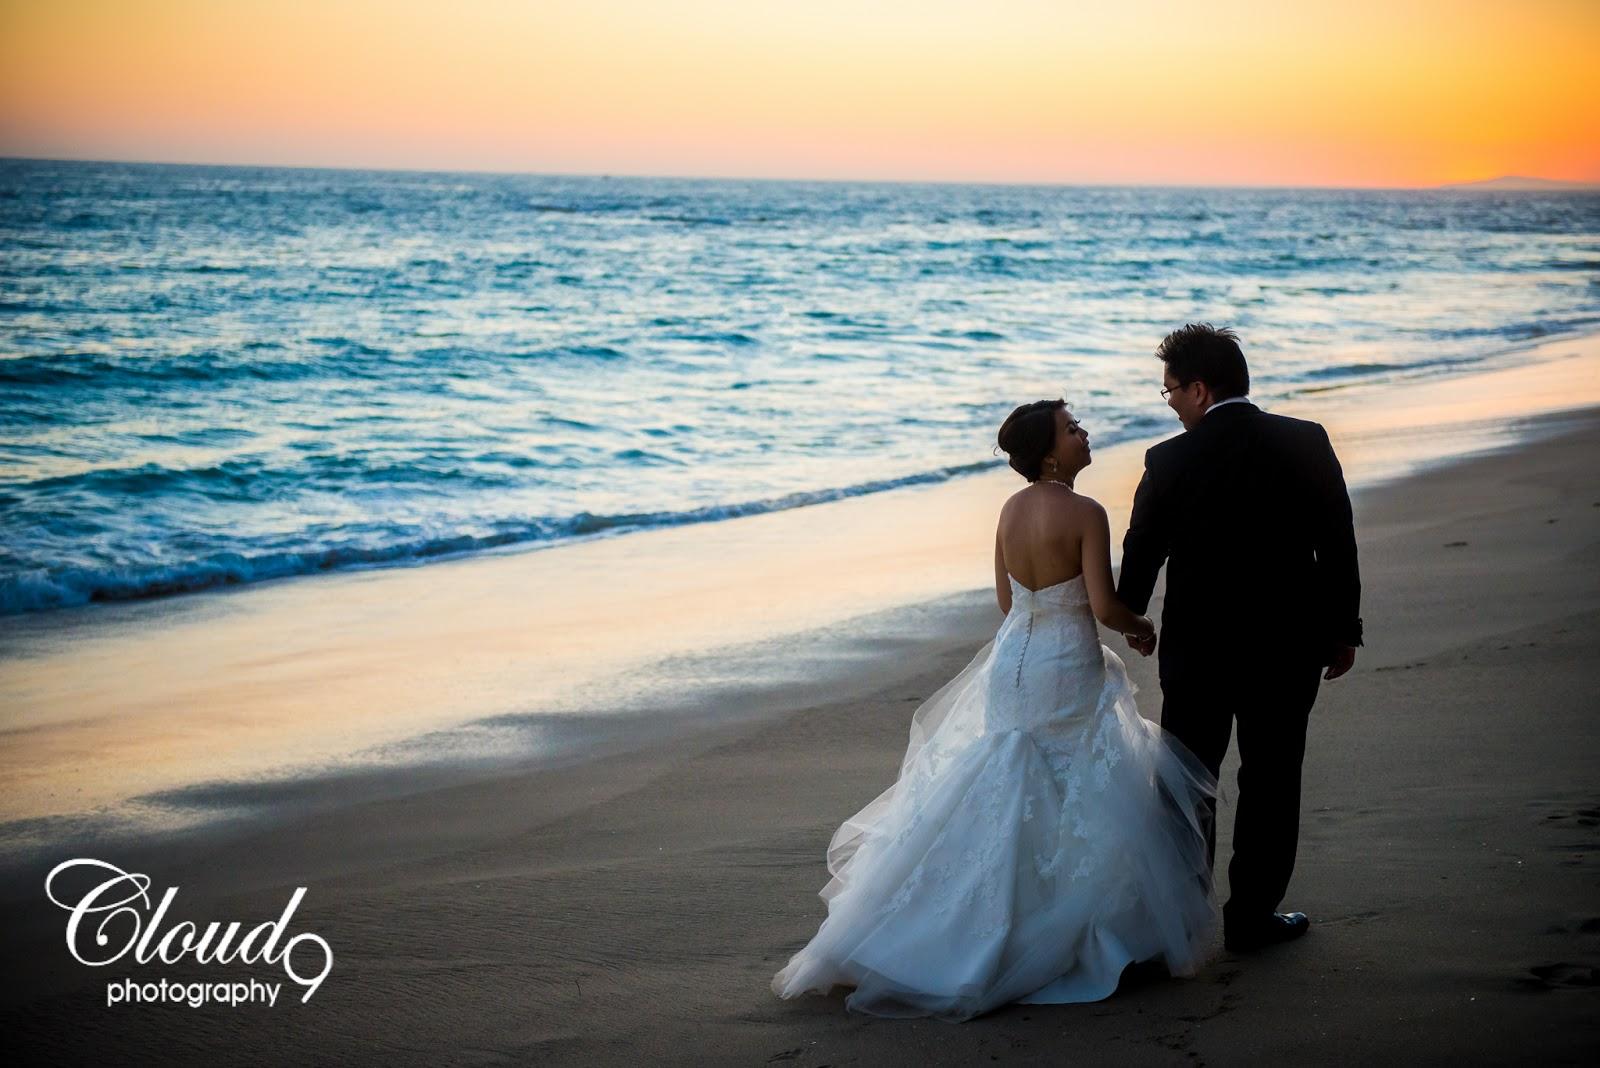 Surf-Sand-Resort:echoumakeup:Louise&Winston11